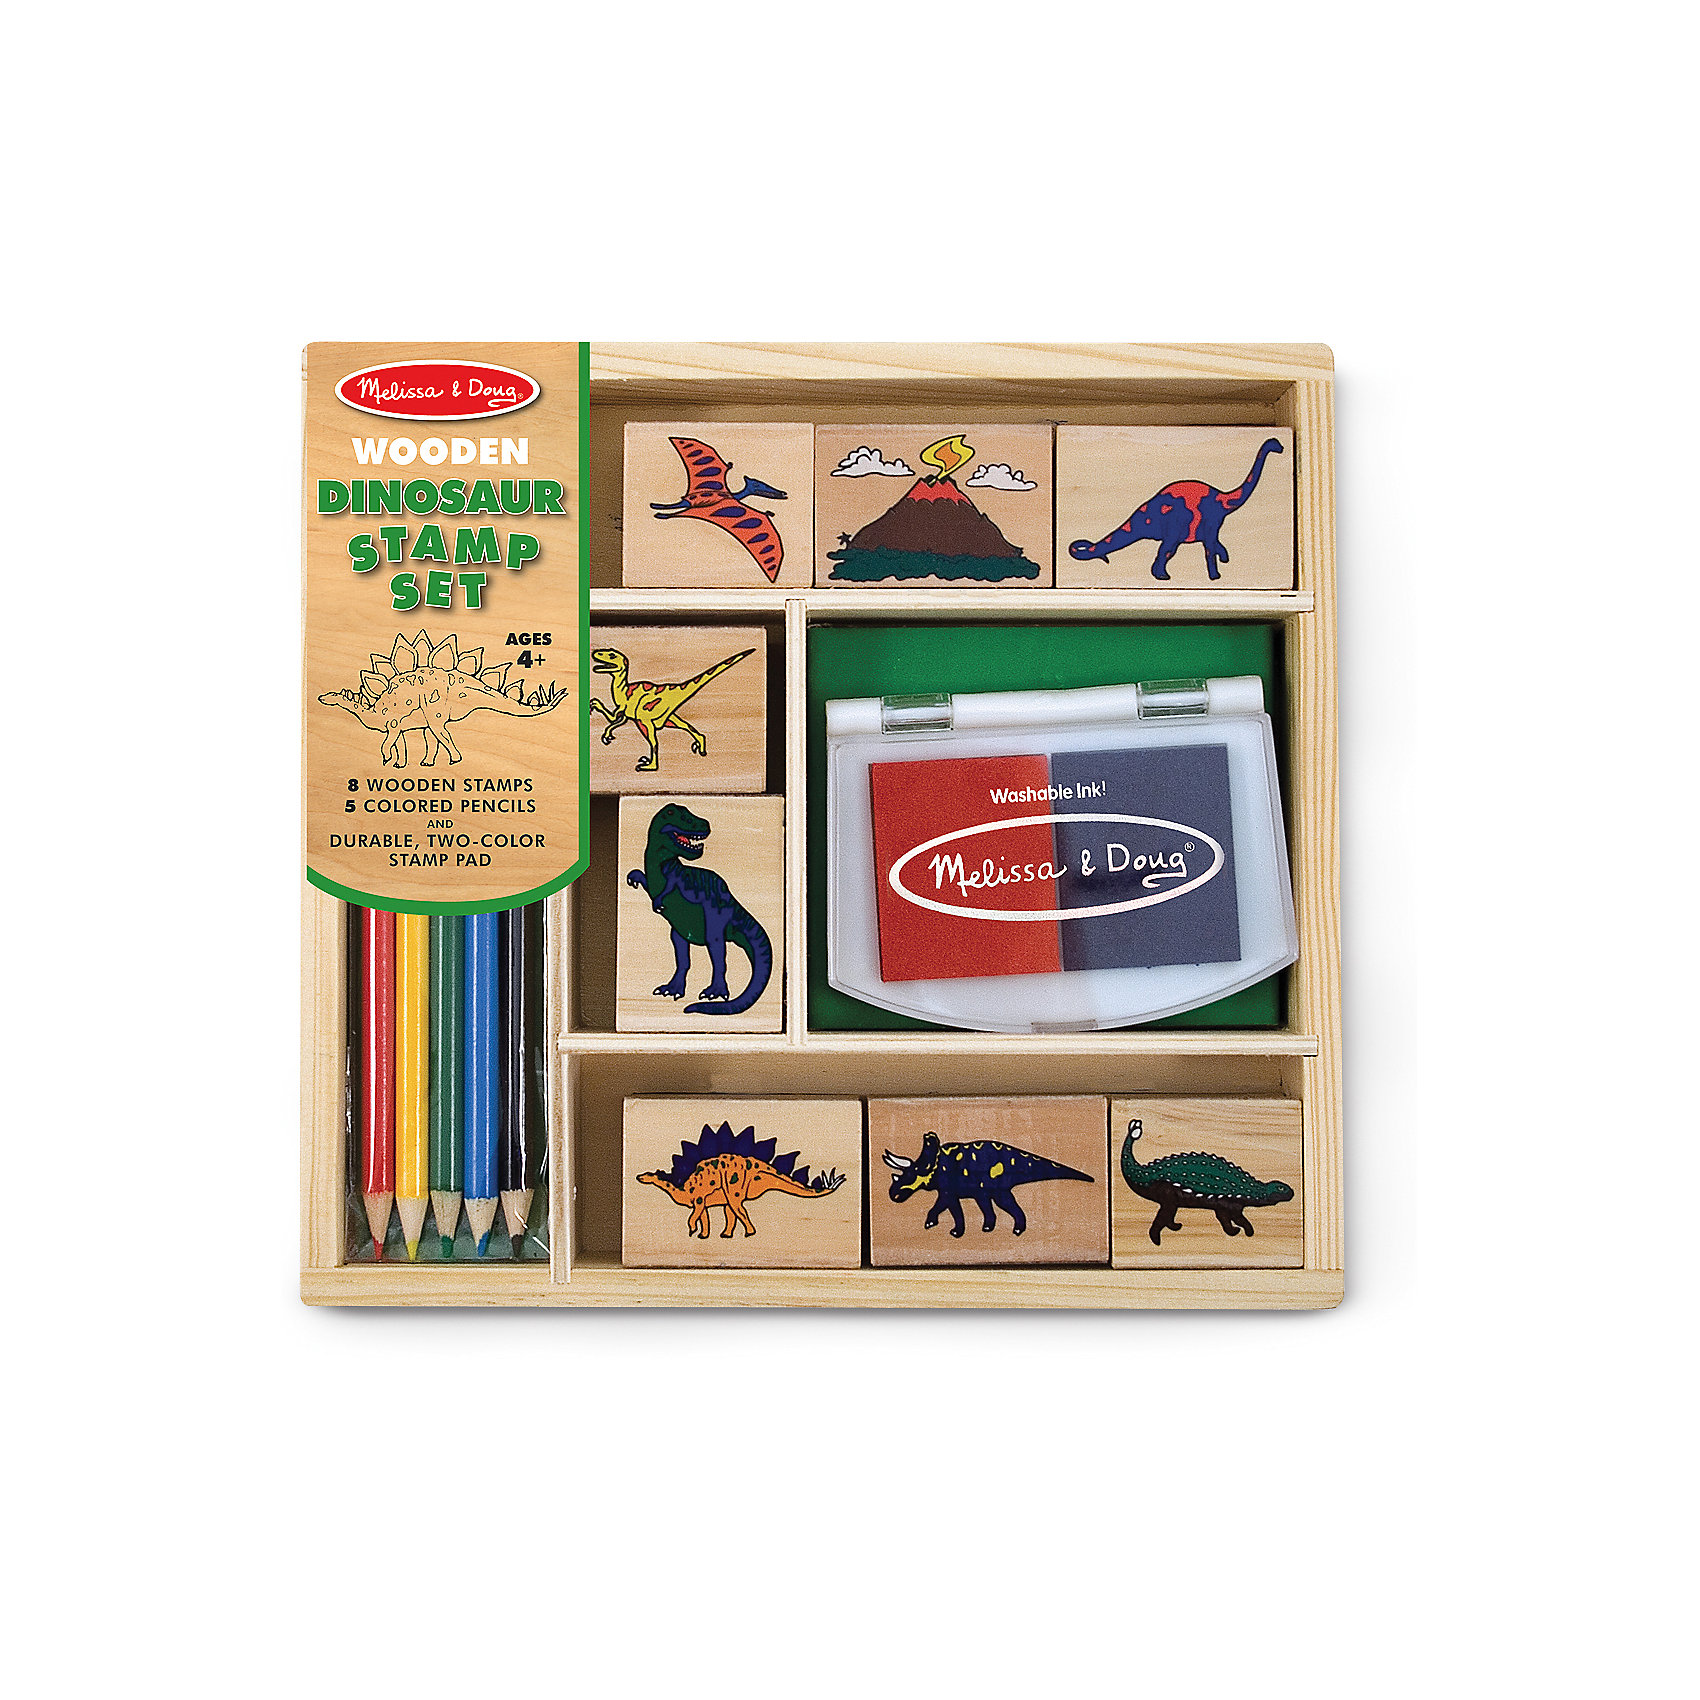 Набор печатей ДинозаврыРисование<br>Думаете, как порадовать ребенка? Такой набор печатей - это отличный вариант подарка ребенку, который одновременно и развлечет малыша, и позволит ему развивать важные навыки. Игра с печатями способствует развитию у малышей мелкой моторики, цветовосприятия, художественного вкуса, внимания и воображения. <br>В набор входит нетоксичная штемпельная подушечка, восемь печатей с разными динозаврами. Также в наборе есть цветные карандаши. Набор отличается удобной упаковкой, простотой использования и отличным качеством исполнения. <br><br>Дополнительная информация:<br><br>комплектация: карандаши пять цветов, штемпельная подушка, восемь печатей;<br>упаковка: деревянный ящик;<br>возраст: от четырех лет.<br><br>Набор печатей Динозавры от бренда Melissa&amp;Doug можно купить в нашем магазине.<br><br>Ширина мм: 220<br>Глубина мм: 40<br>Высота мм: 210<br>Вес г: 499<br>Возраст от месяцев: 48<br>Возраст до месяцев: 108<br>Пол: Унисекс<br>Возраст: Детский<br>SKU: 4993626